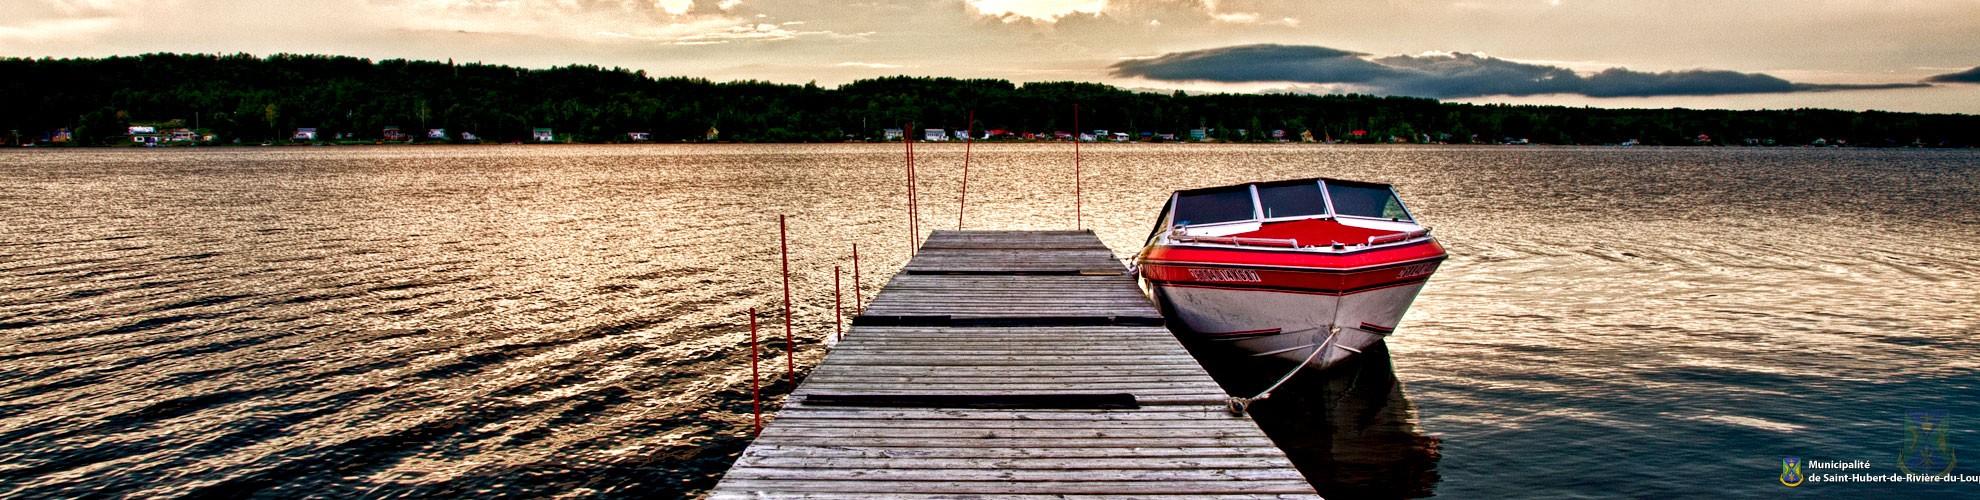 Hero - Lac-de-la-Grande-Fourche et bateau